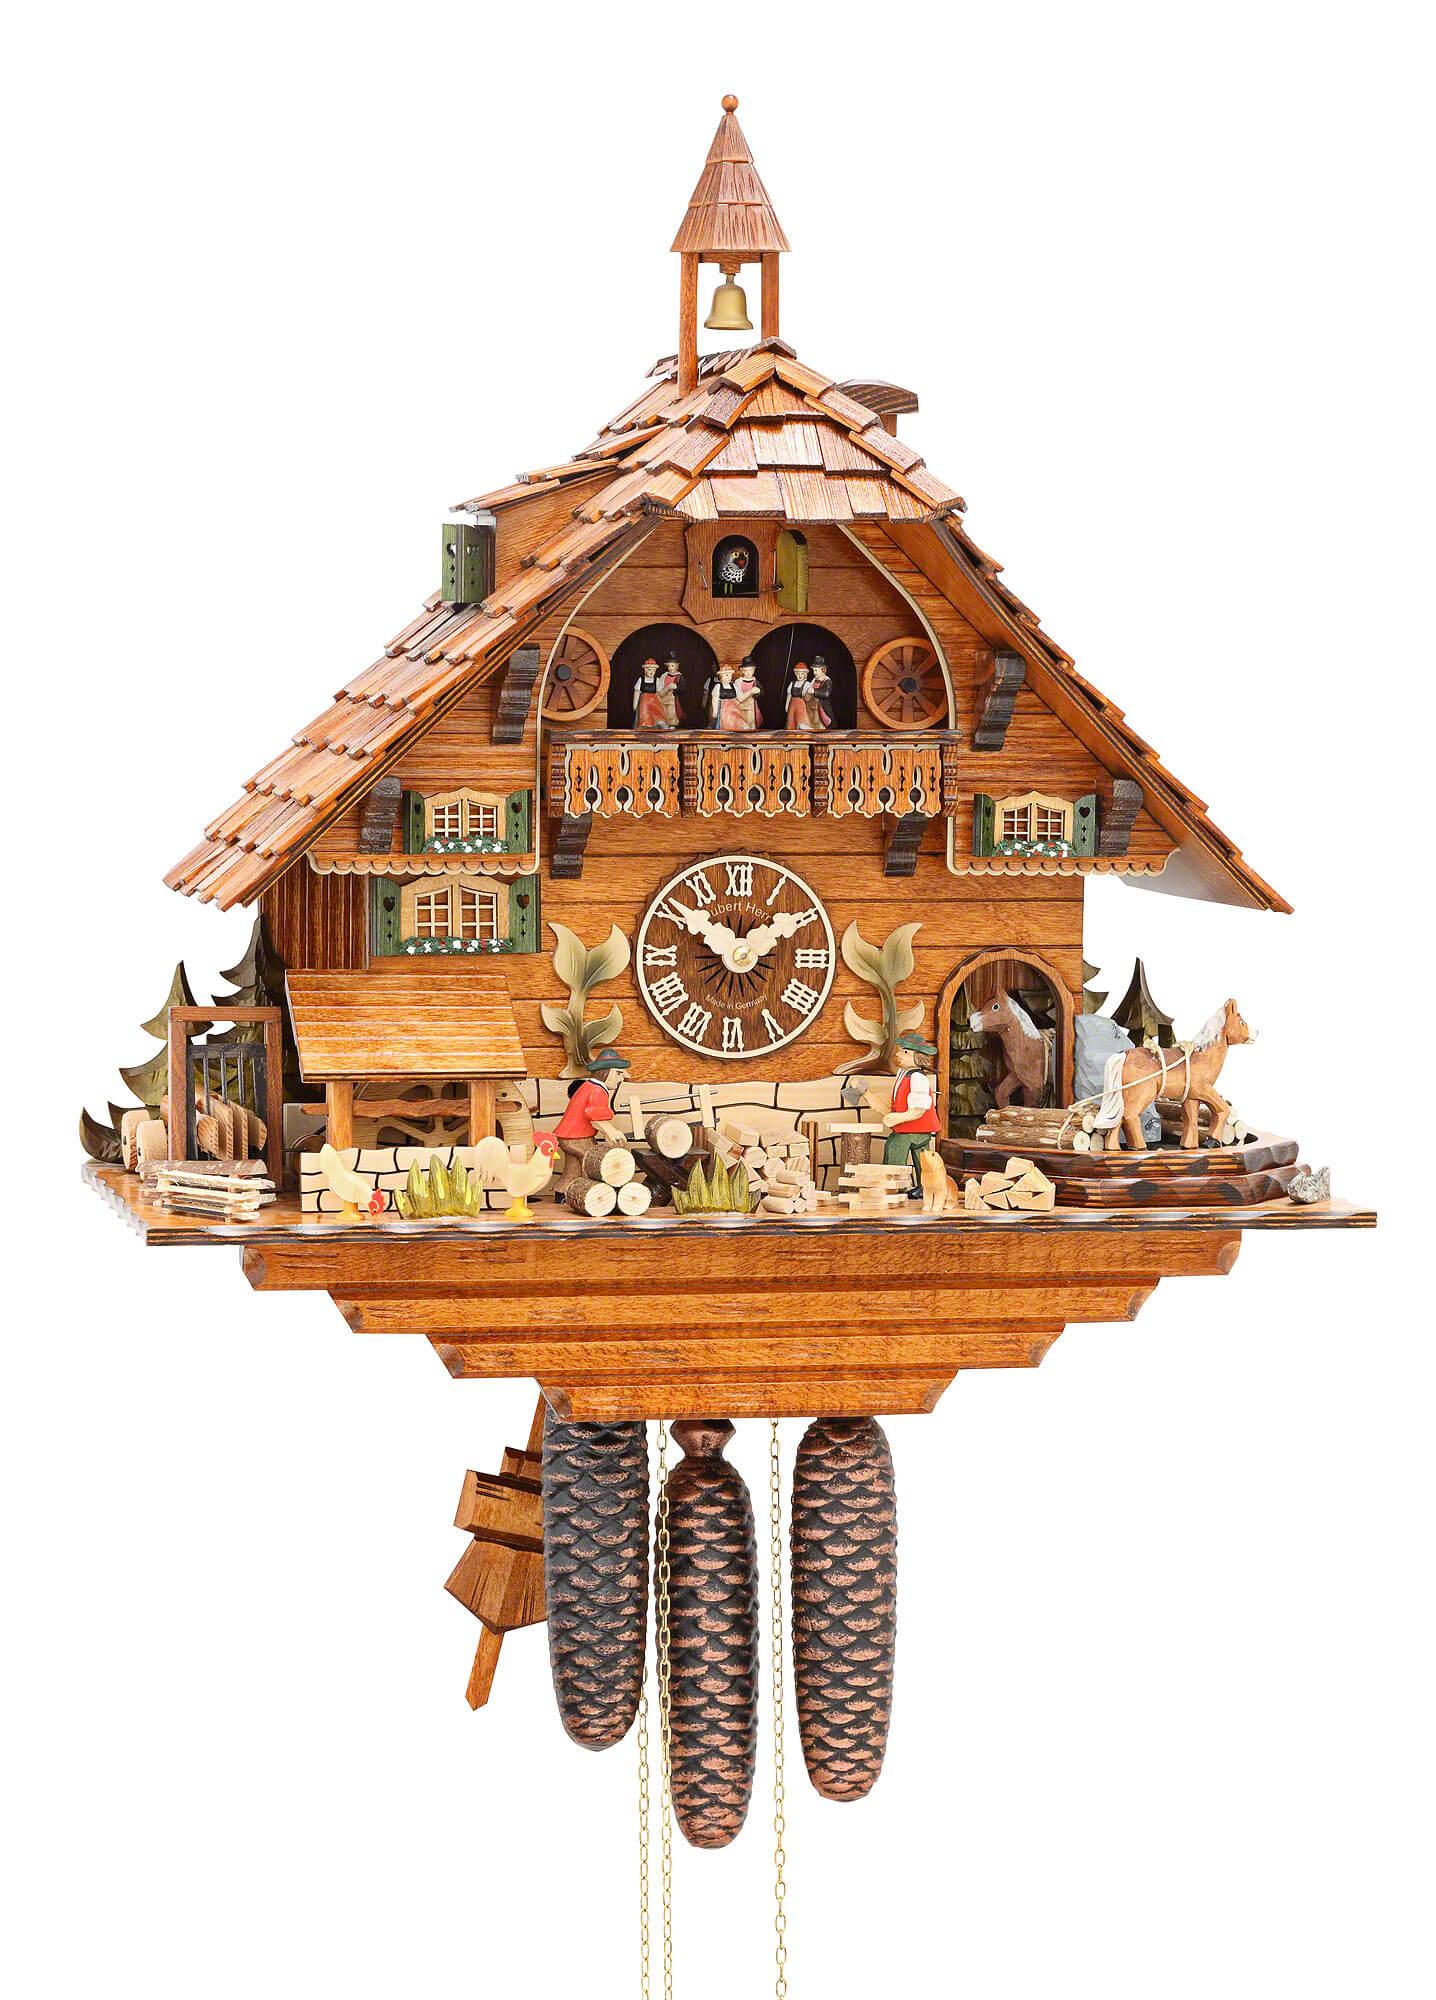 cuckoo clocks award winner 2013